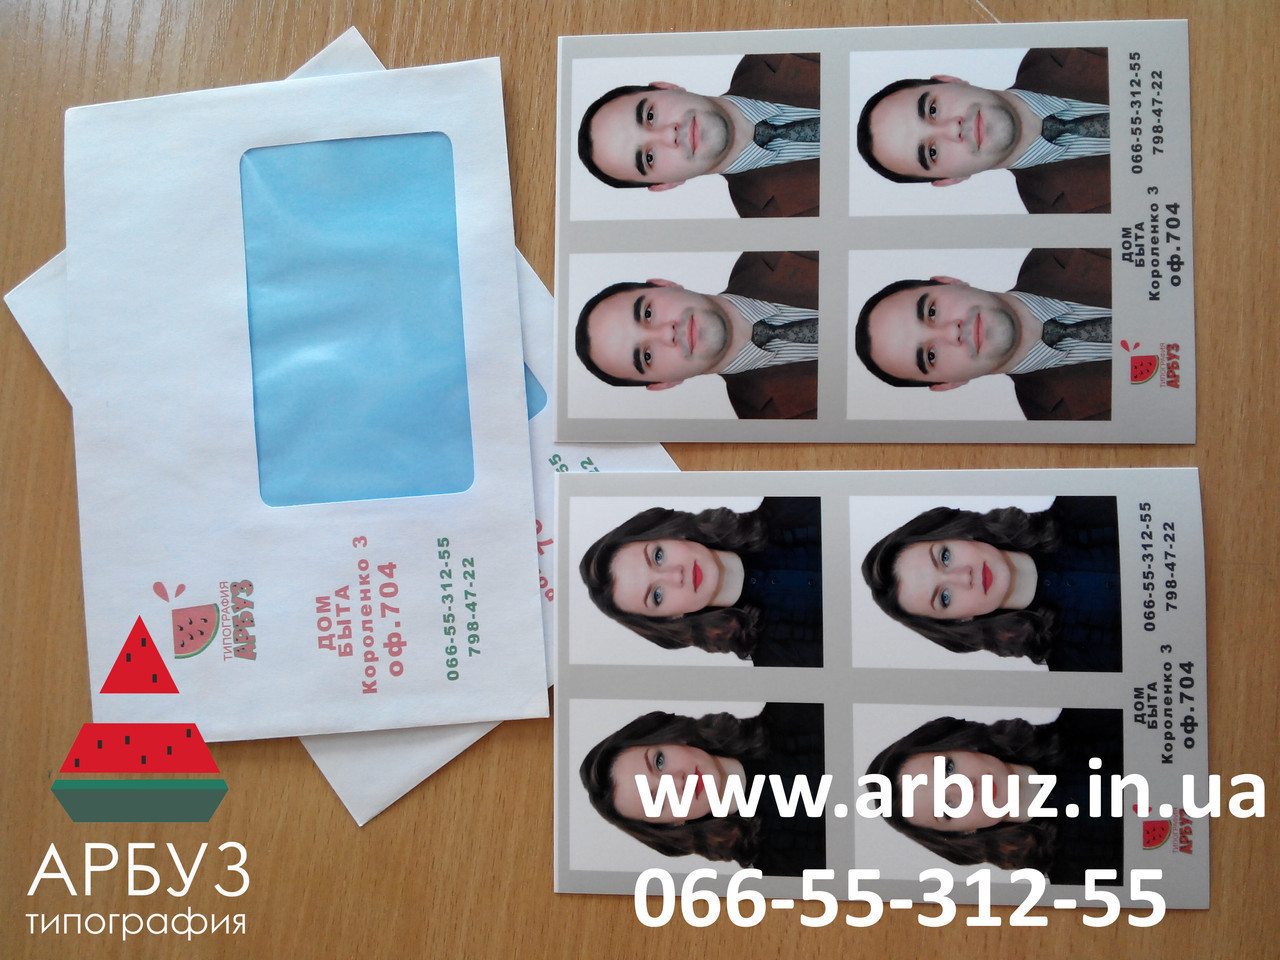 Срочное фото на документы в Днепре, фото 1